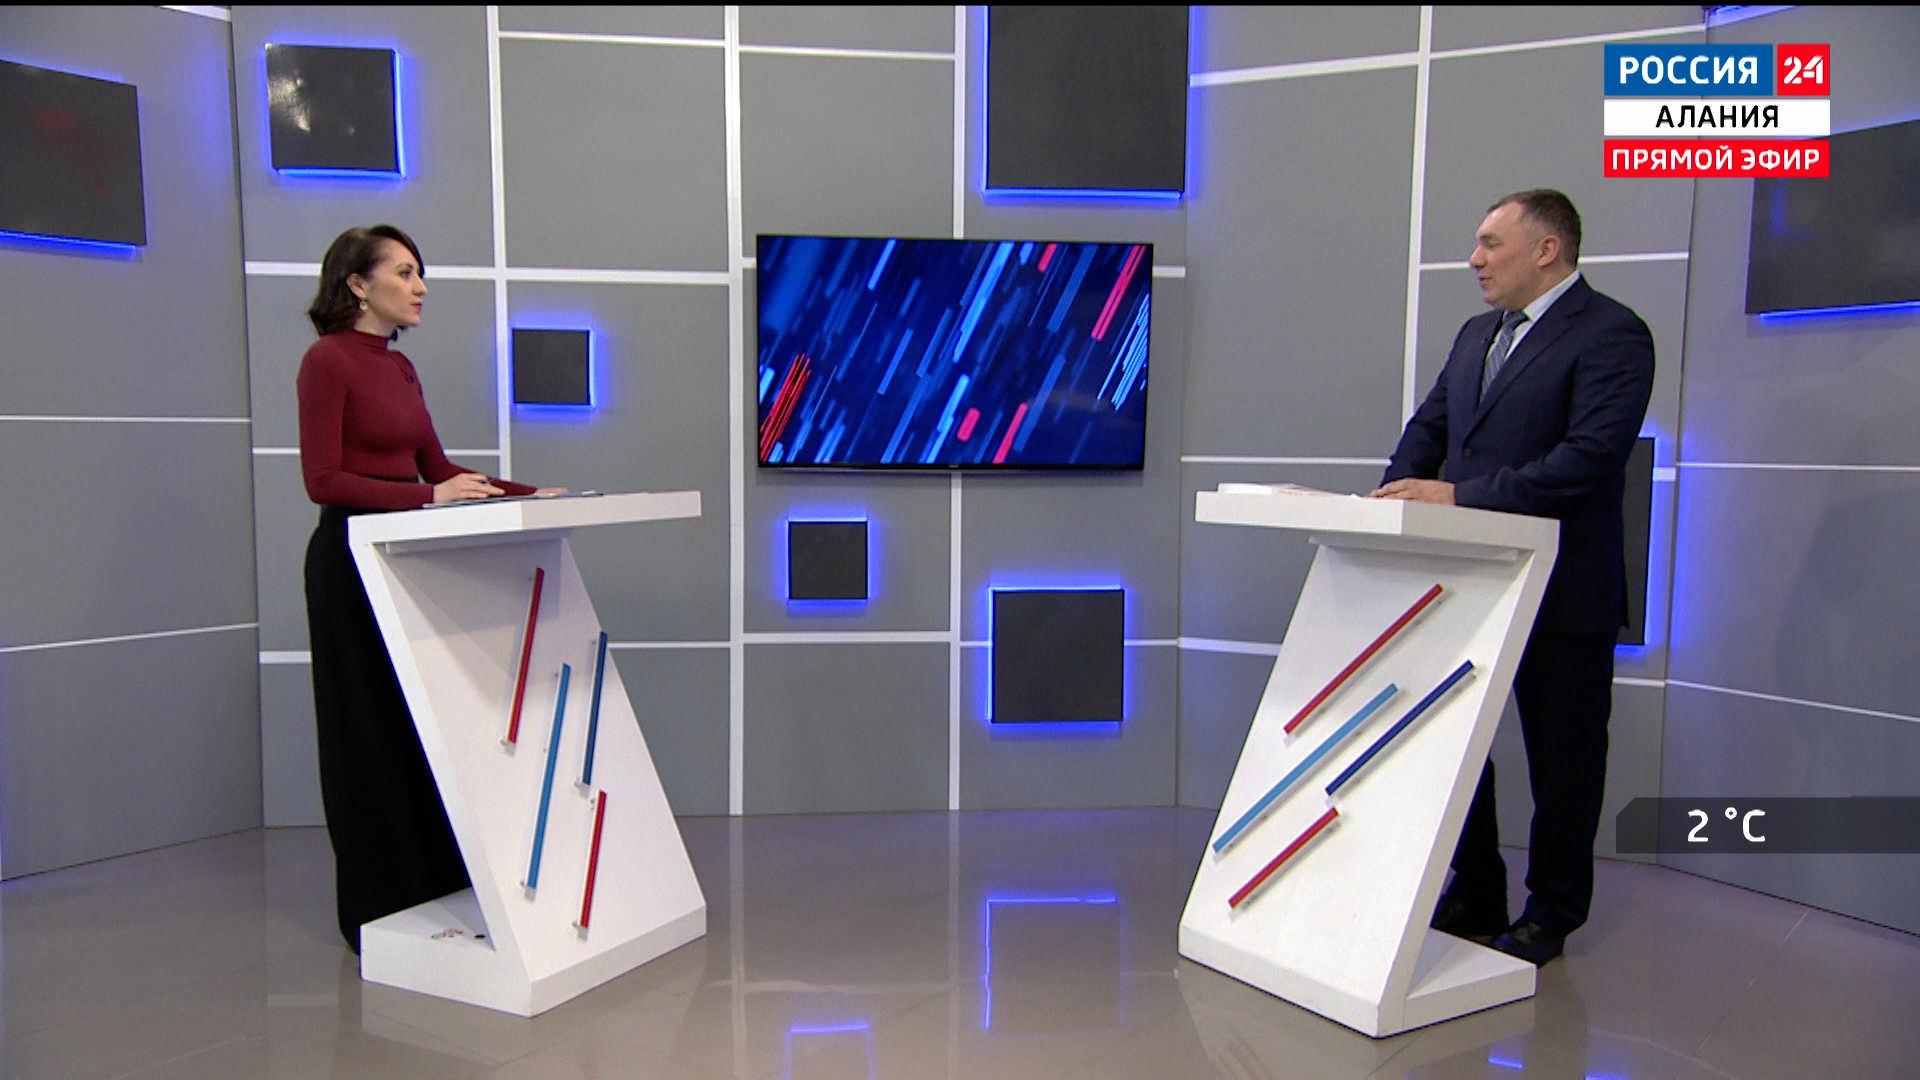 Россия 24. Работа Владикавказского научного центра РАН